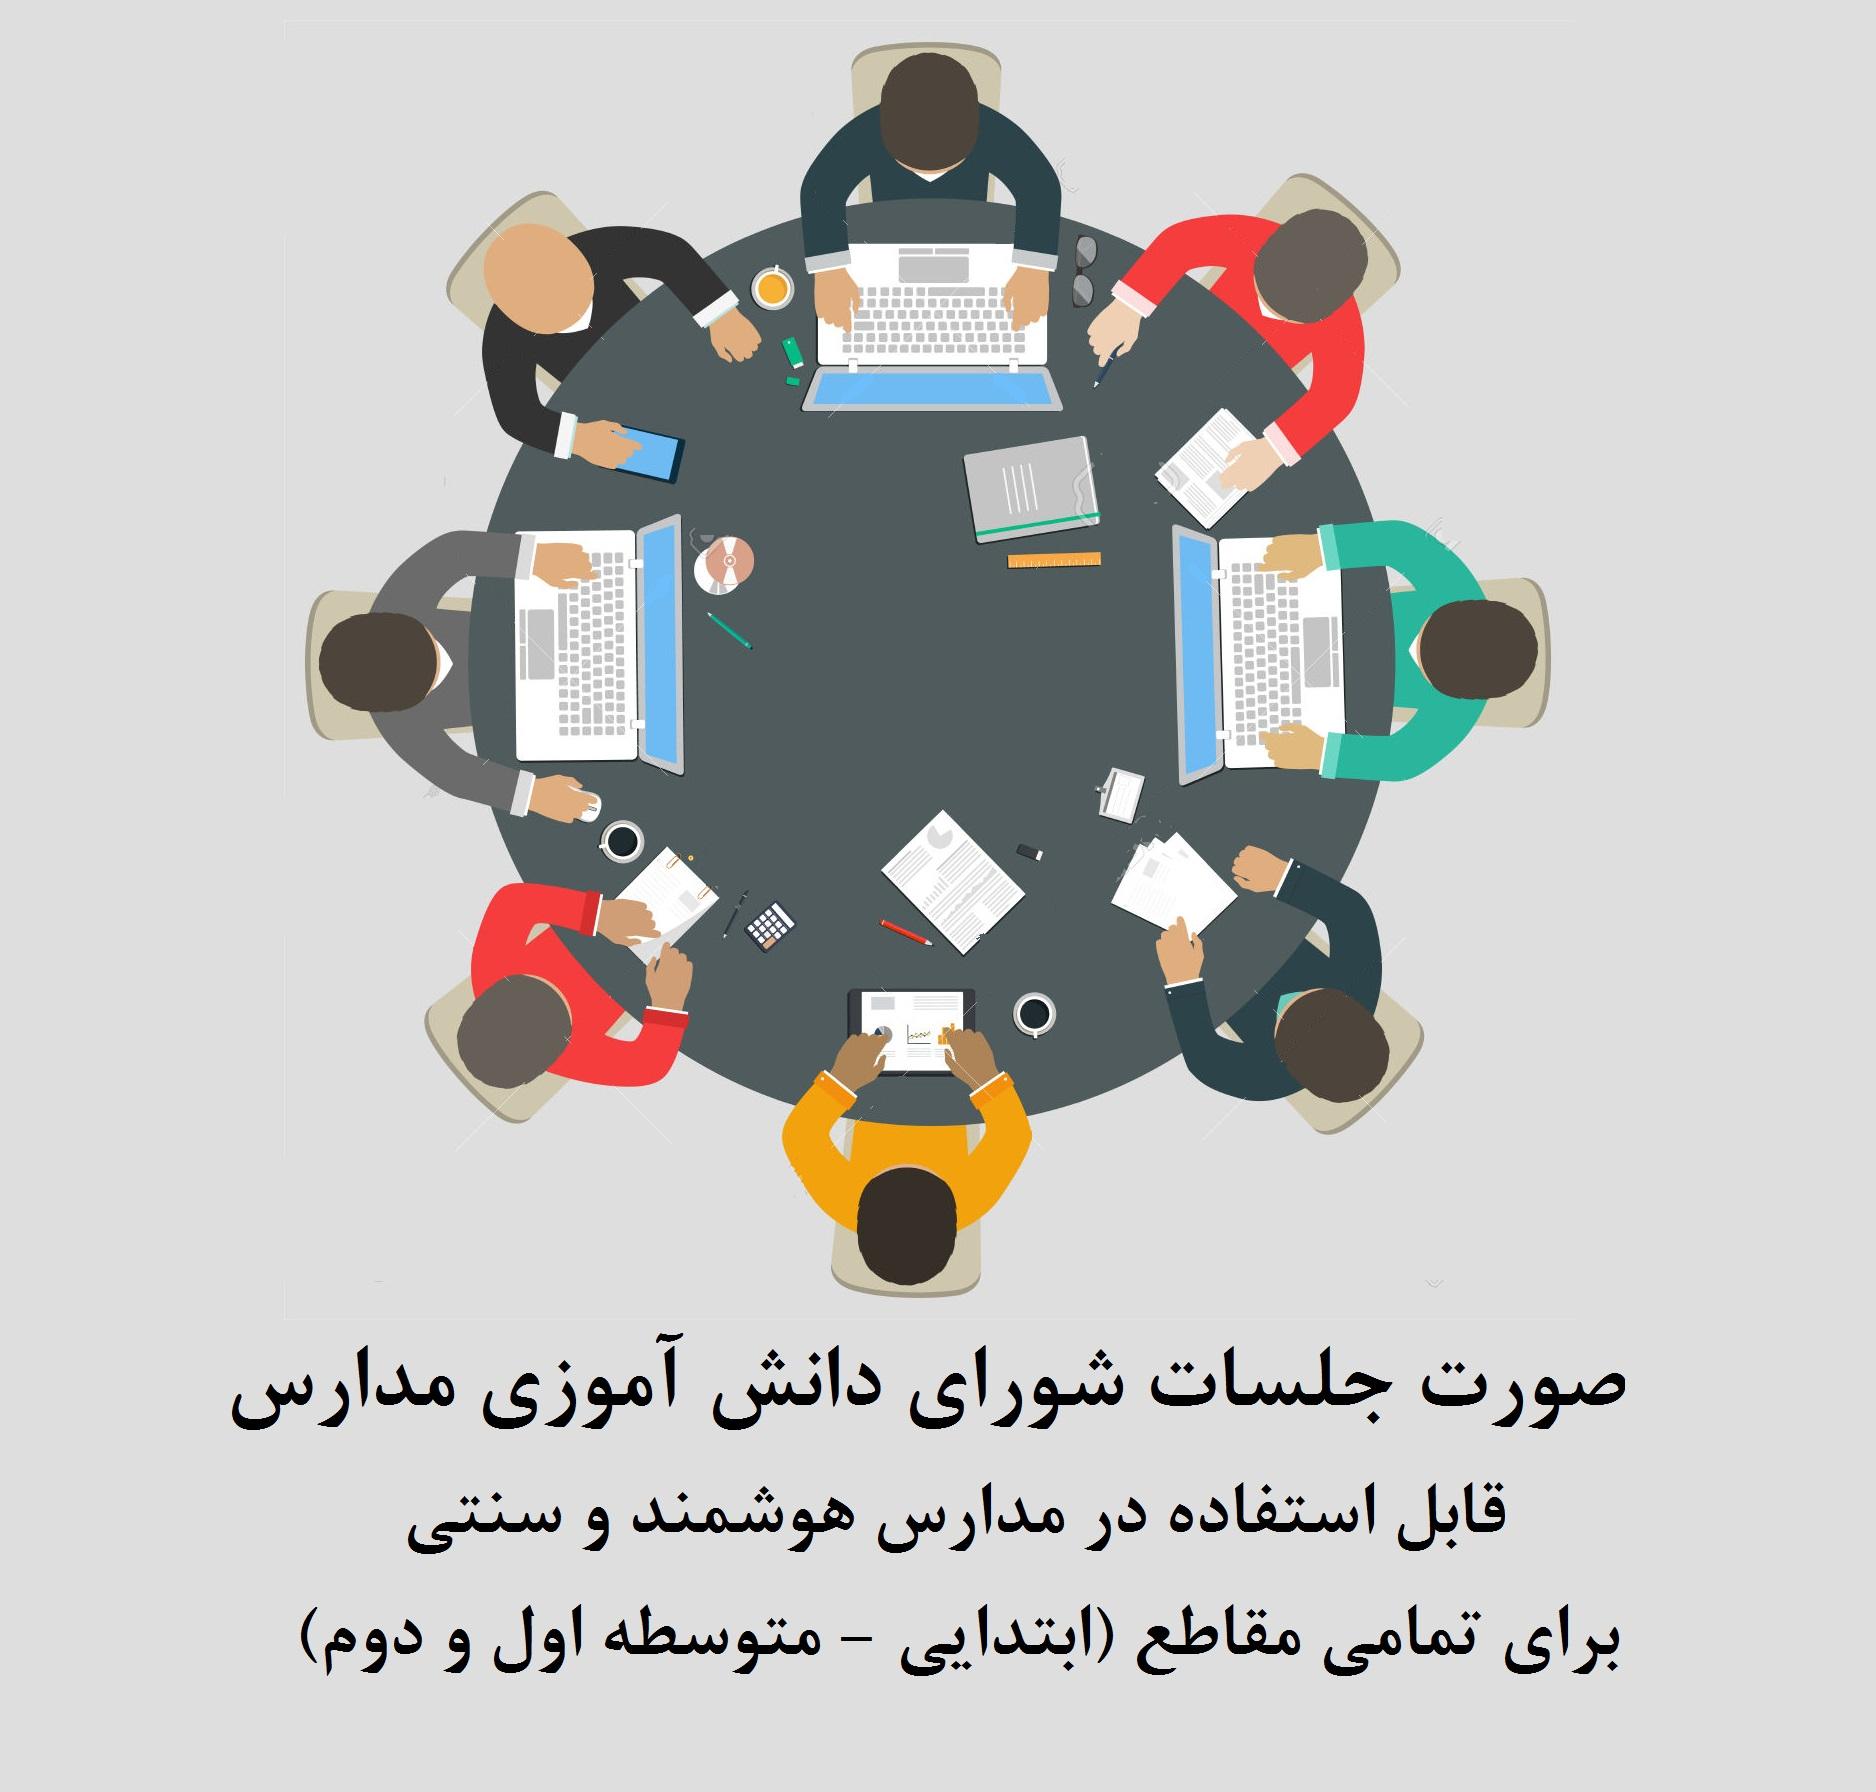 صورت جلسات شورای دانش آموزی